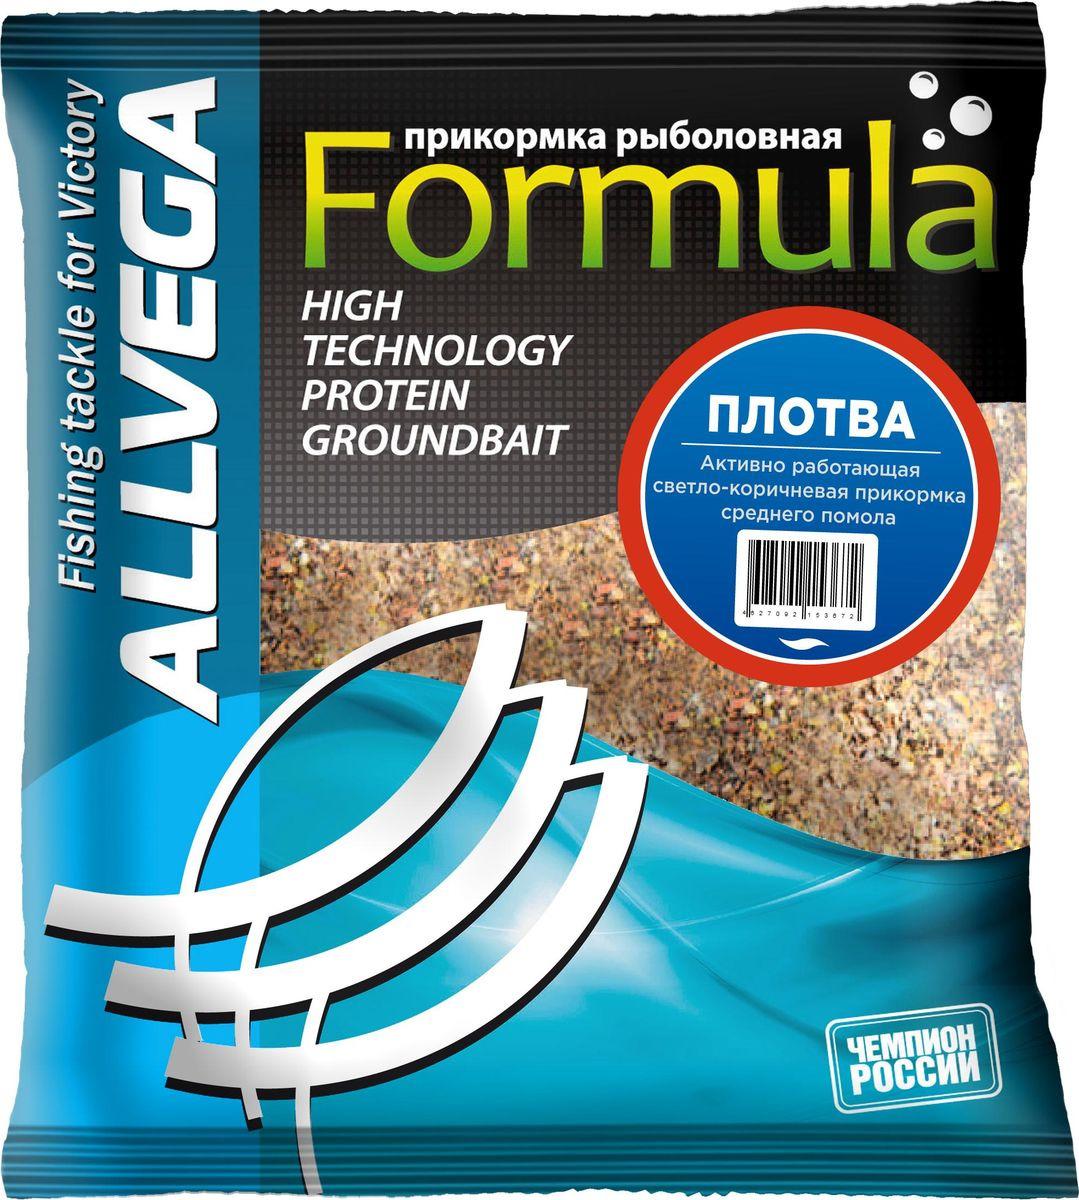 Прикормка для рыбалки Allvega Formula Gardon Плотва, 0,5 кг